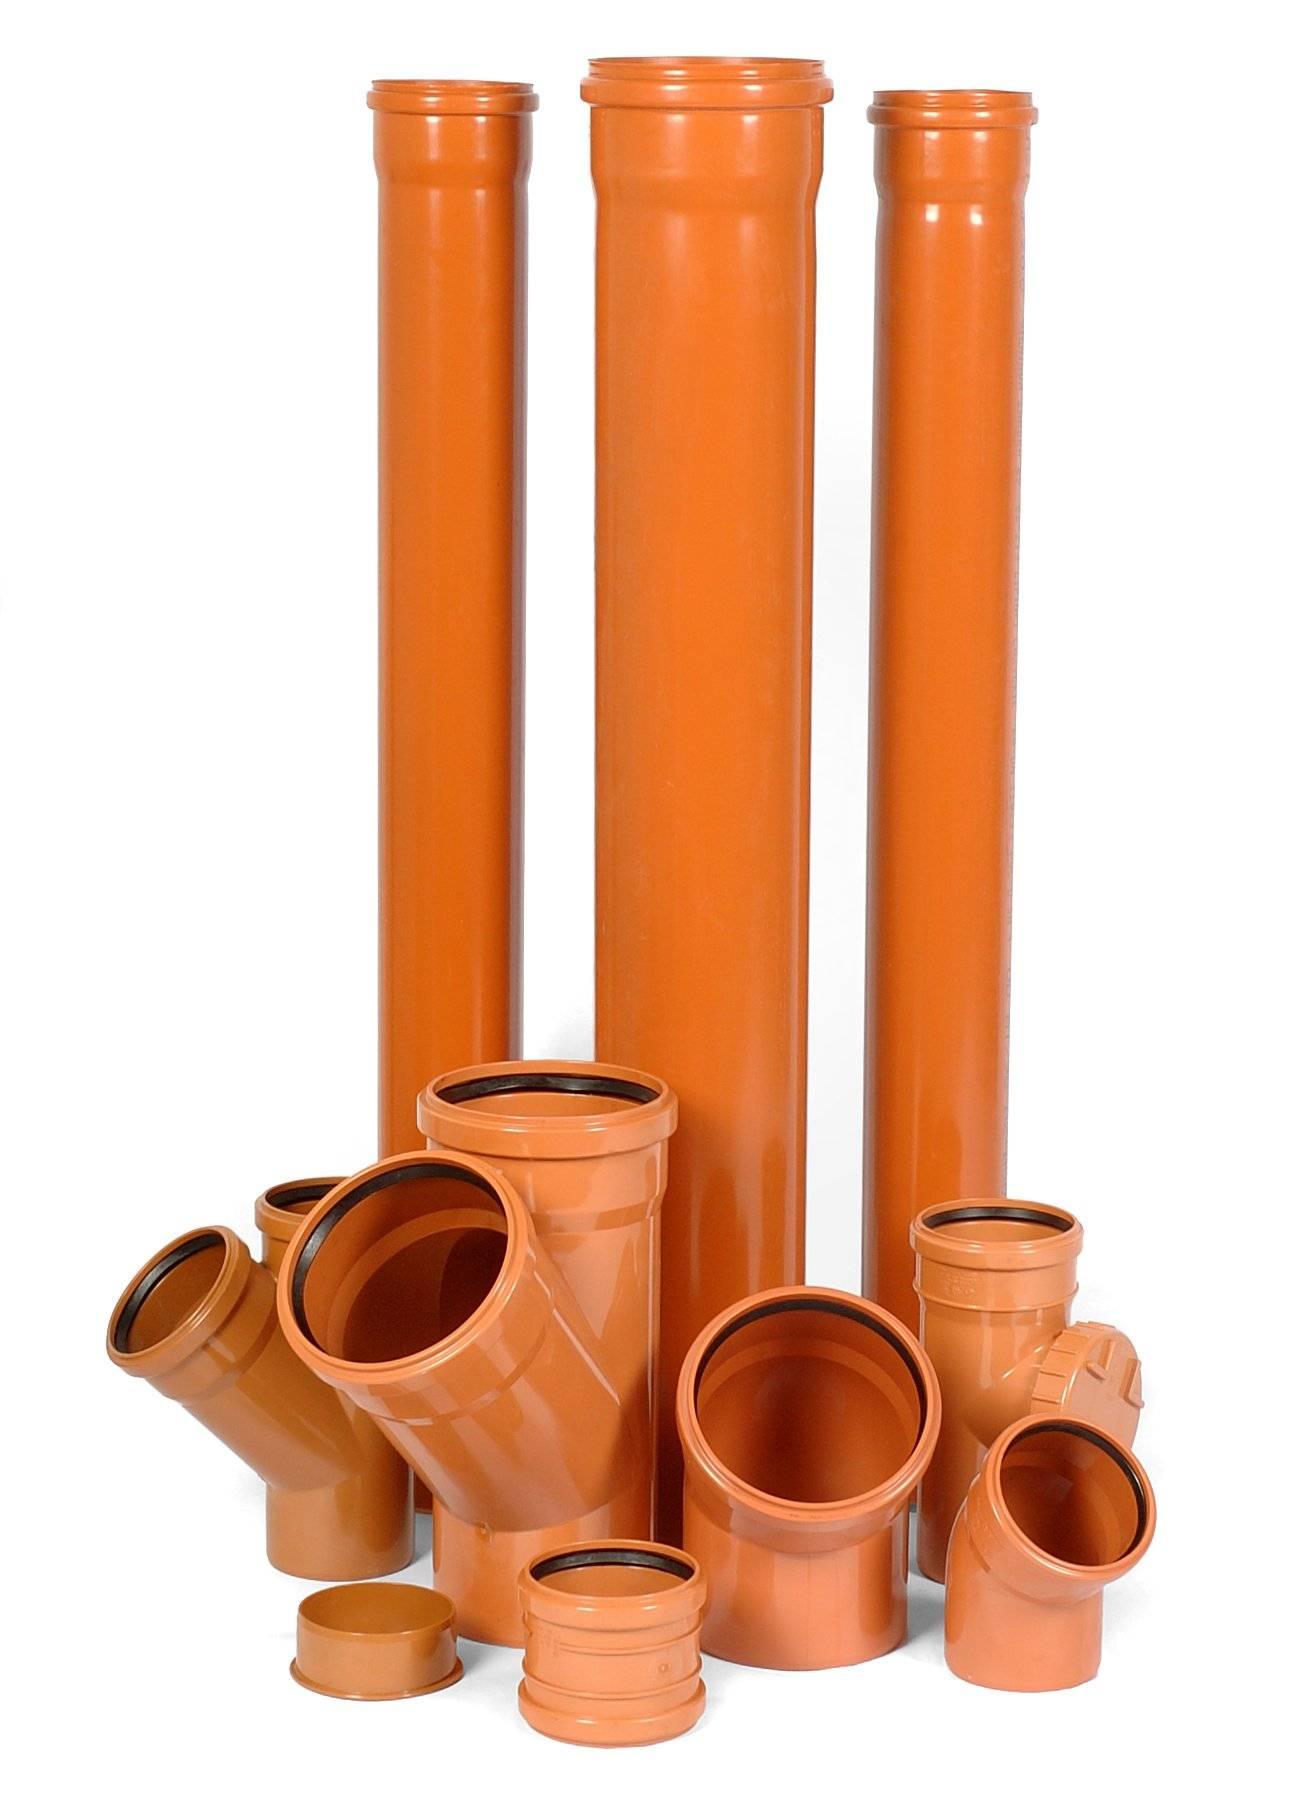 Пластиковые канализационные трубы: как установить коммуникации для канализации своими руками, видео, инструкция, фото, размеры, гост